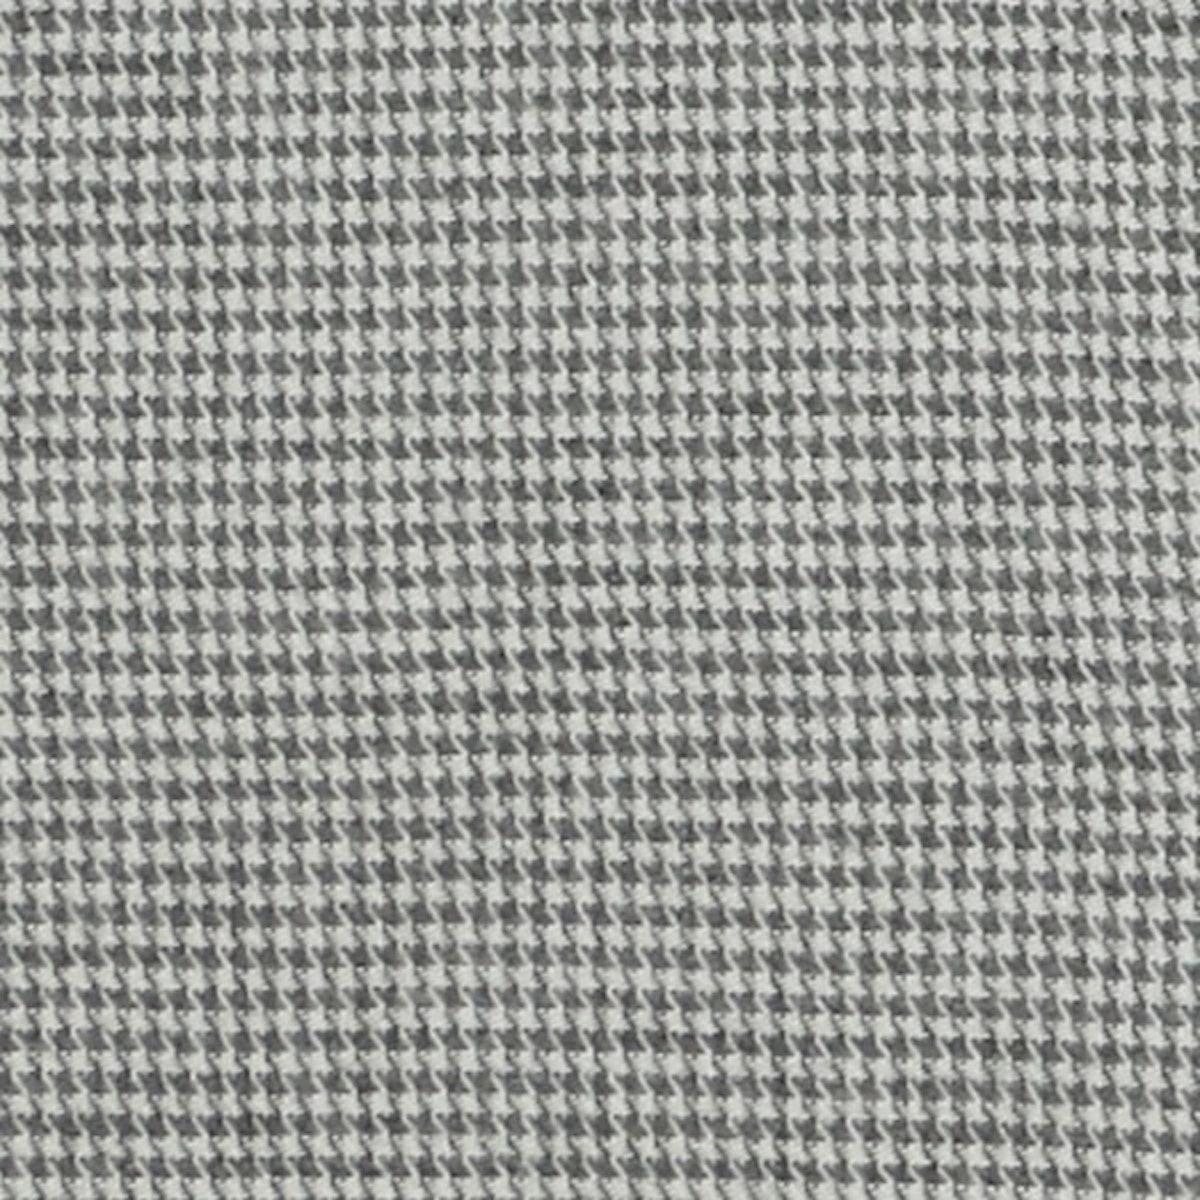 InStitchu Shirt Fabric 4965